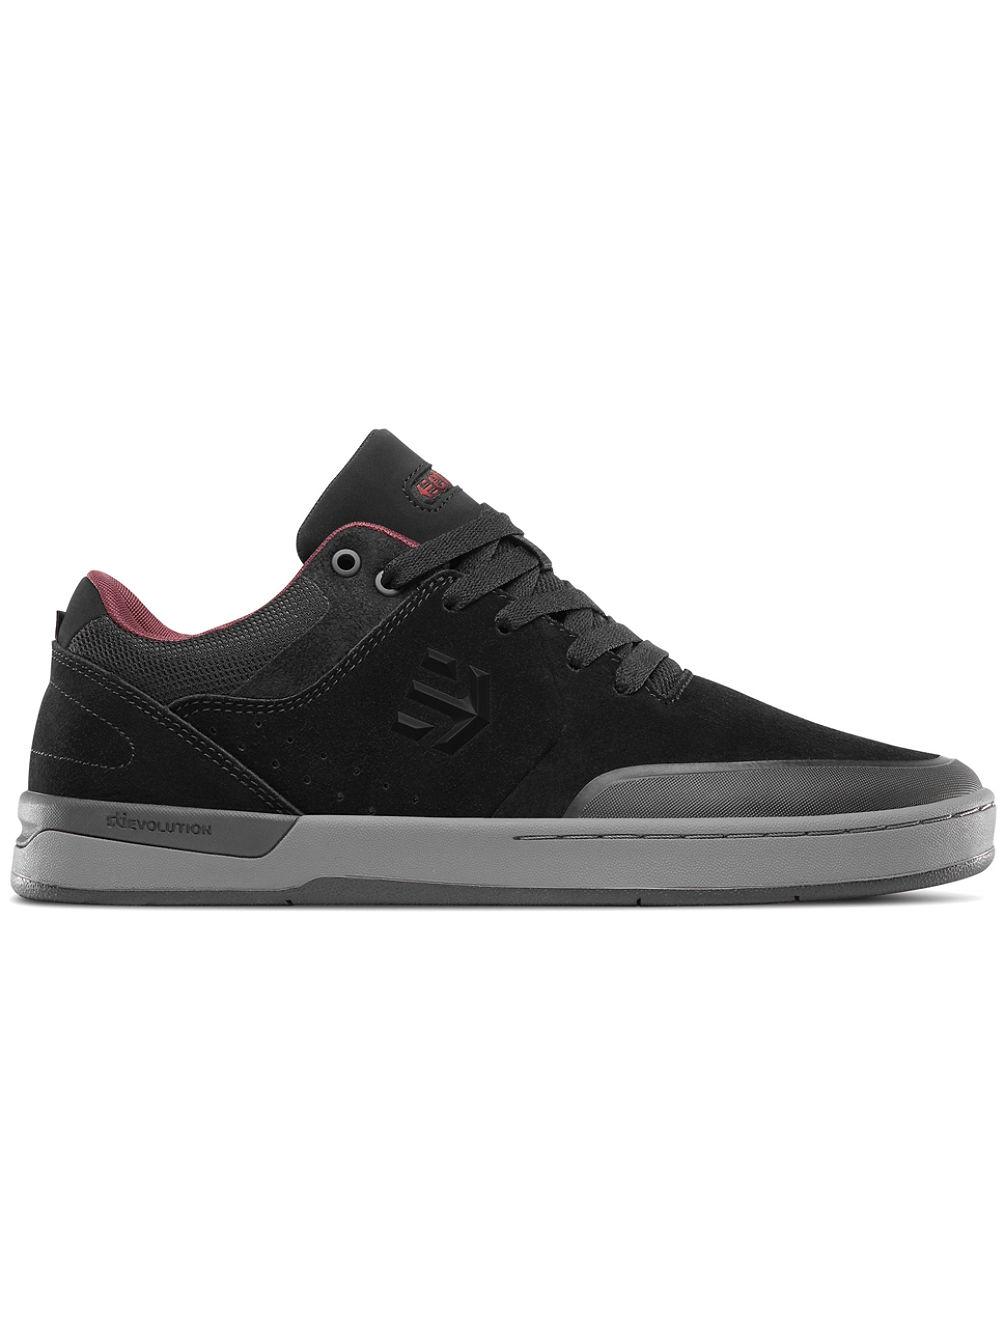 tani Nowa kolekcja gdzie kupić Marana XT Skate Shoes